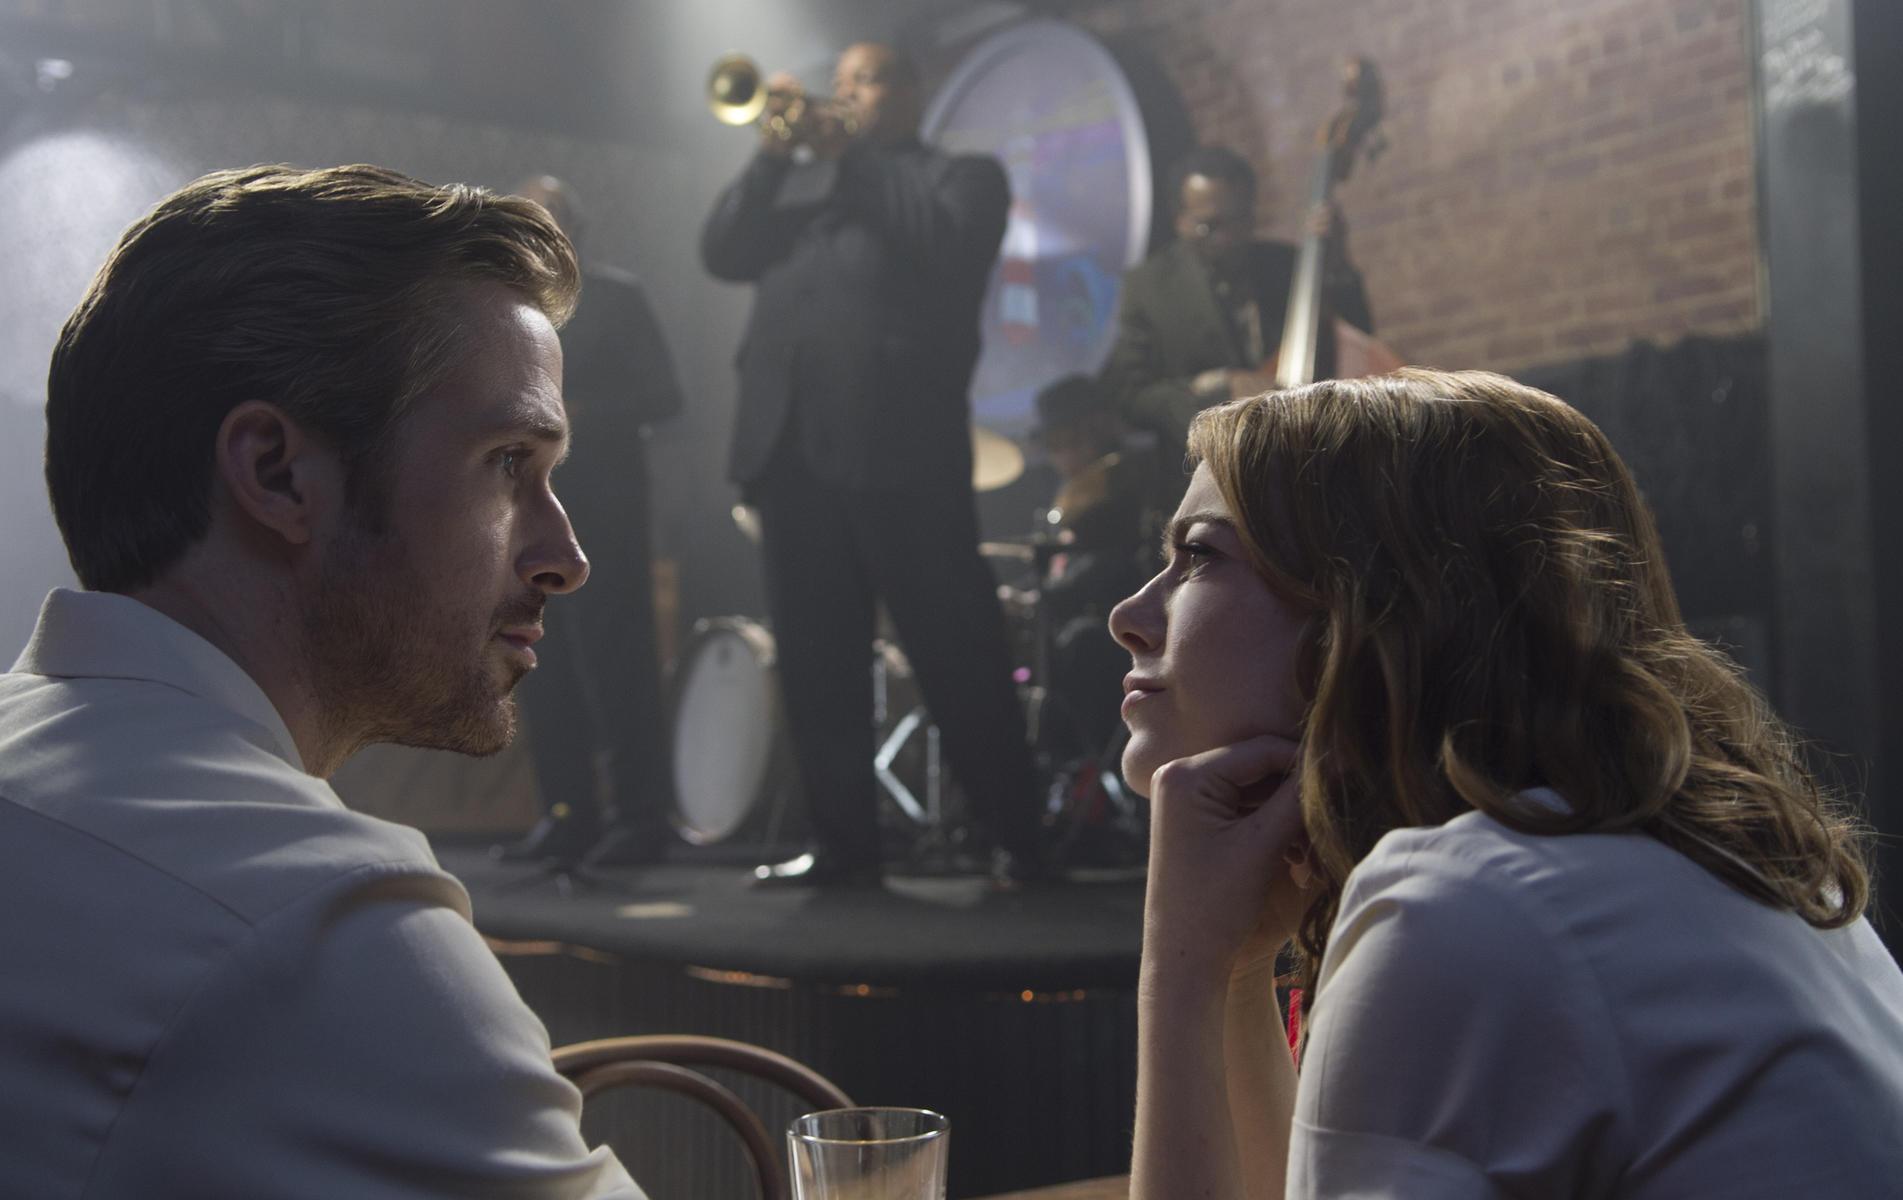 Cena do musical La La Land, de Damien Chazelle. Os atores Ryan Gosling e Emma Stone também fora indicados. (photo by moviepilot.de)